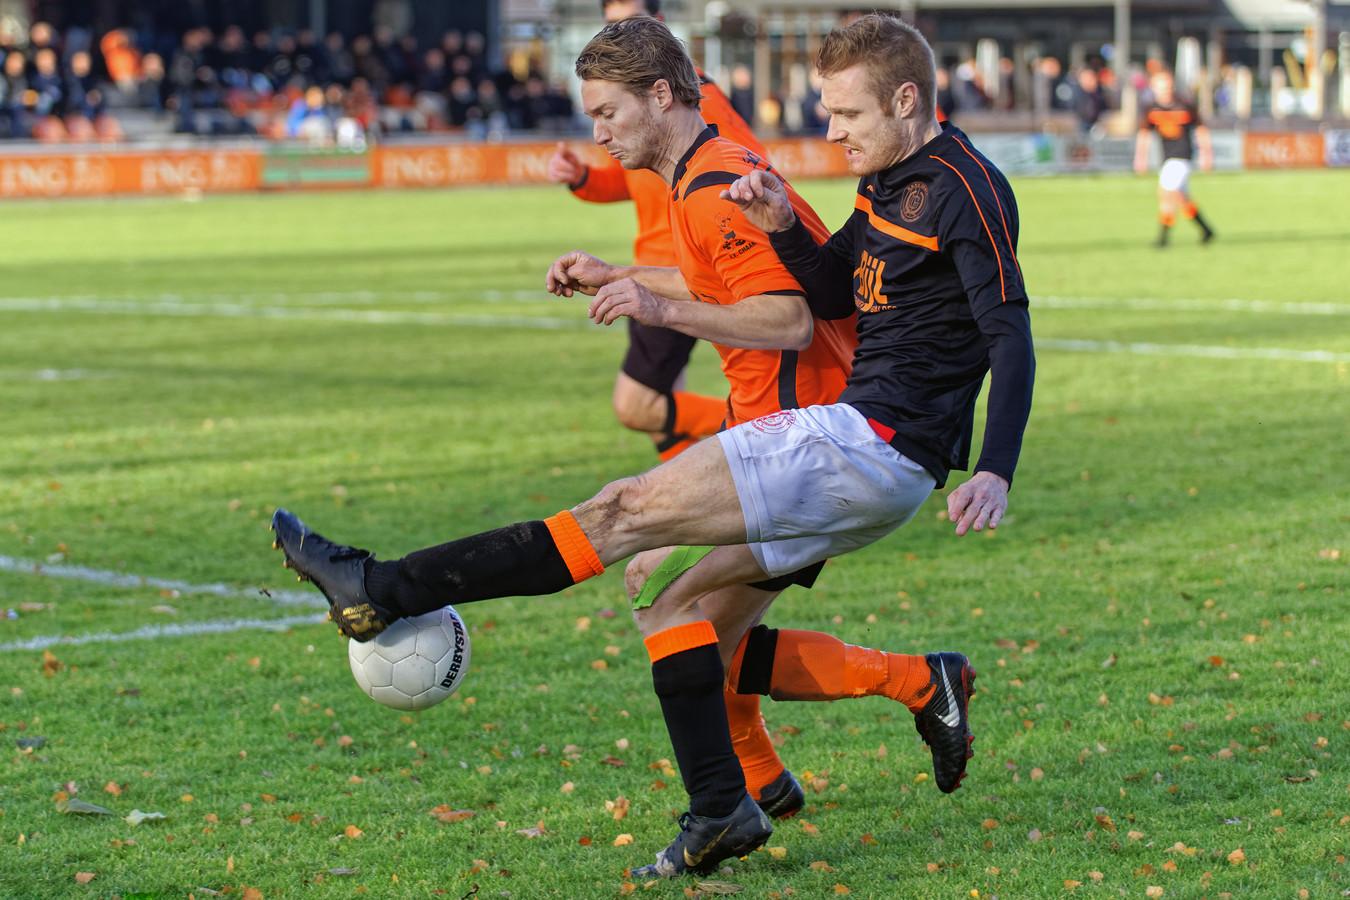 Gesta-aanvaller Frits Verheijden (rechts, zwarte shirt) komt in botsing met Chaam-verdediger Aron de Bruyn (links).